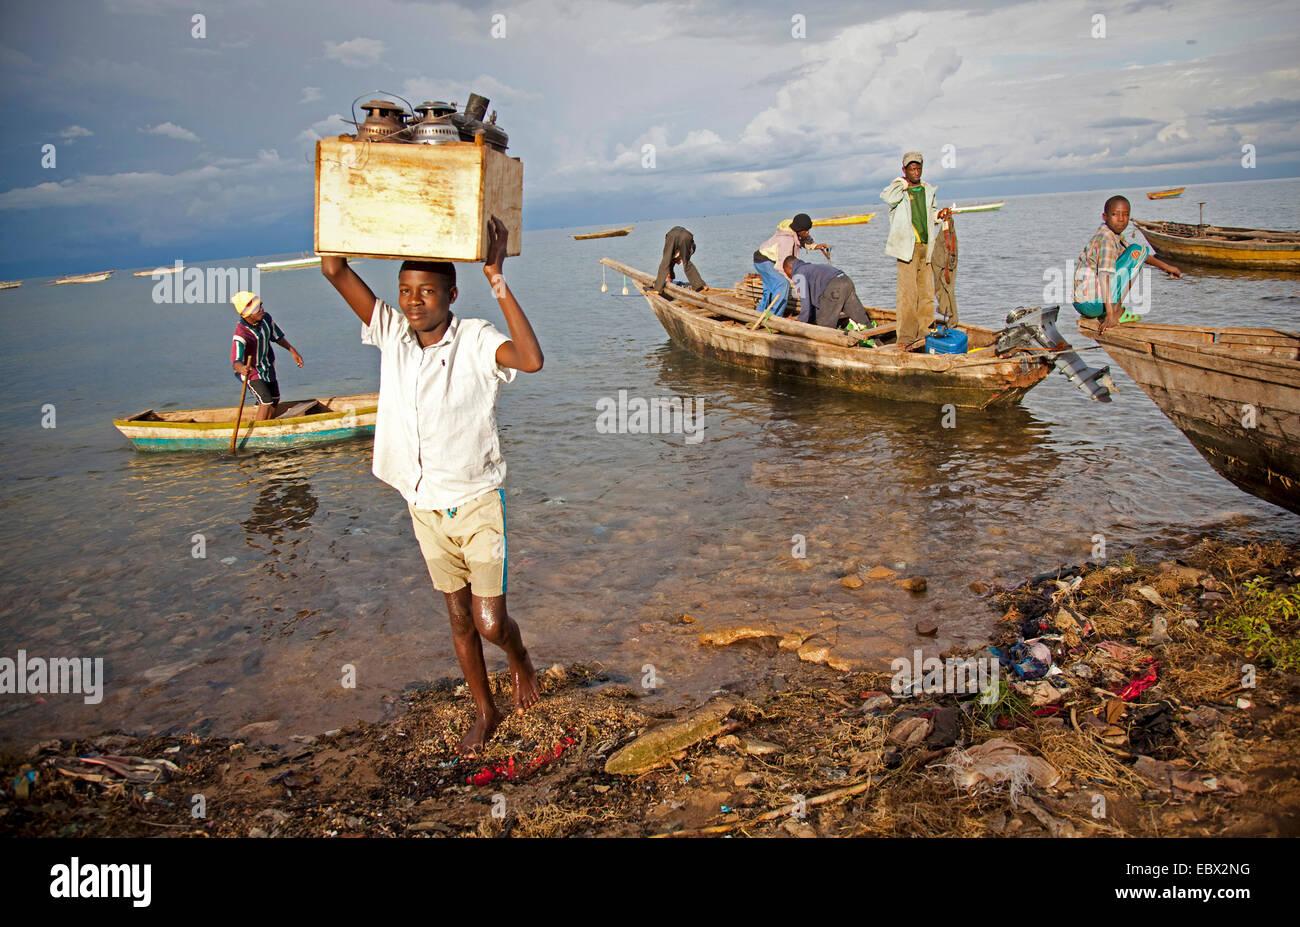 Un garçon portant un fort avec des lampes à l'huile de bateau de pêche, le lac Tanganyika, le Photo Stock